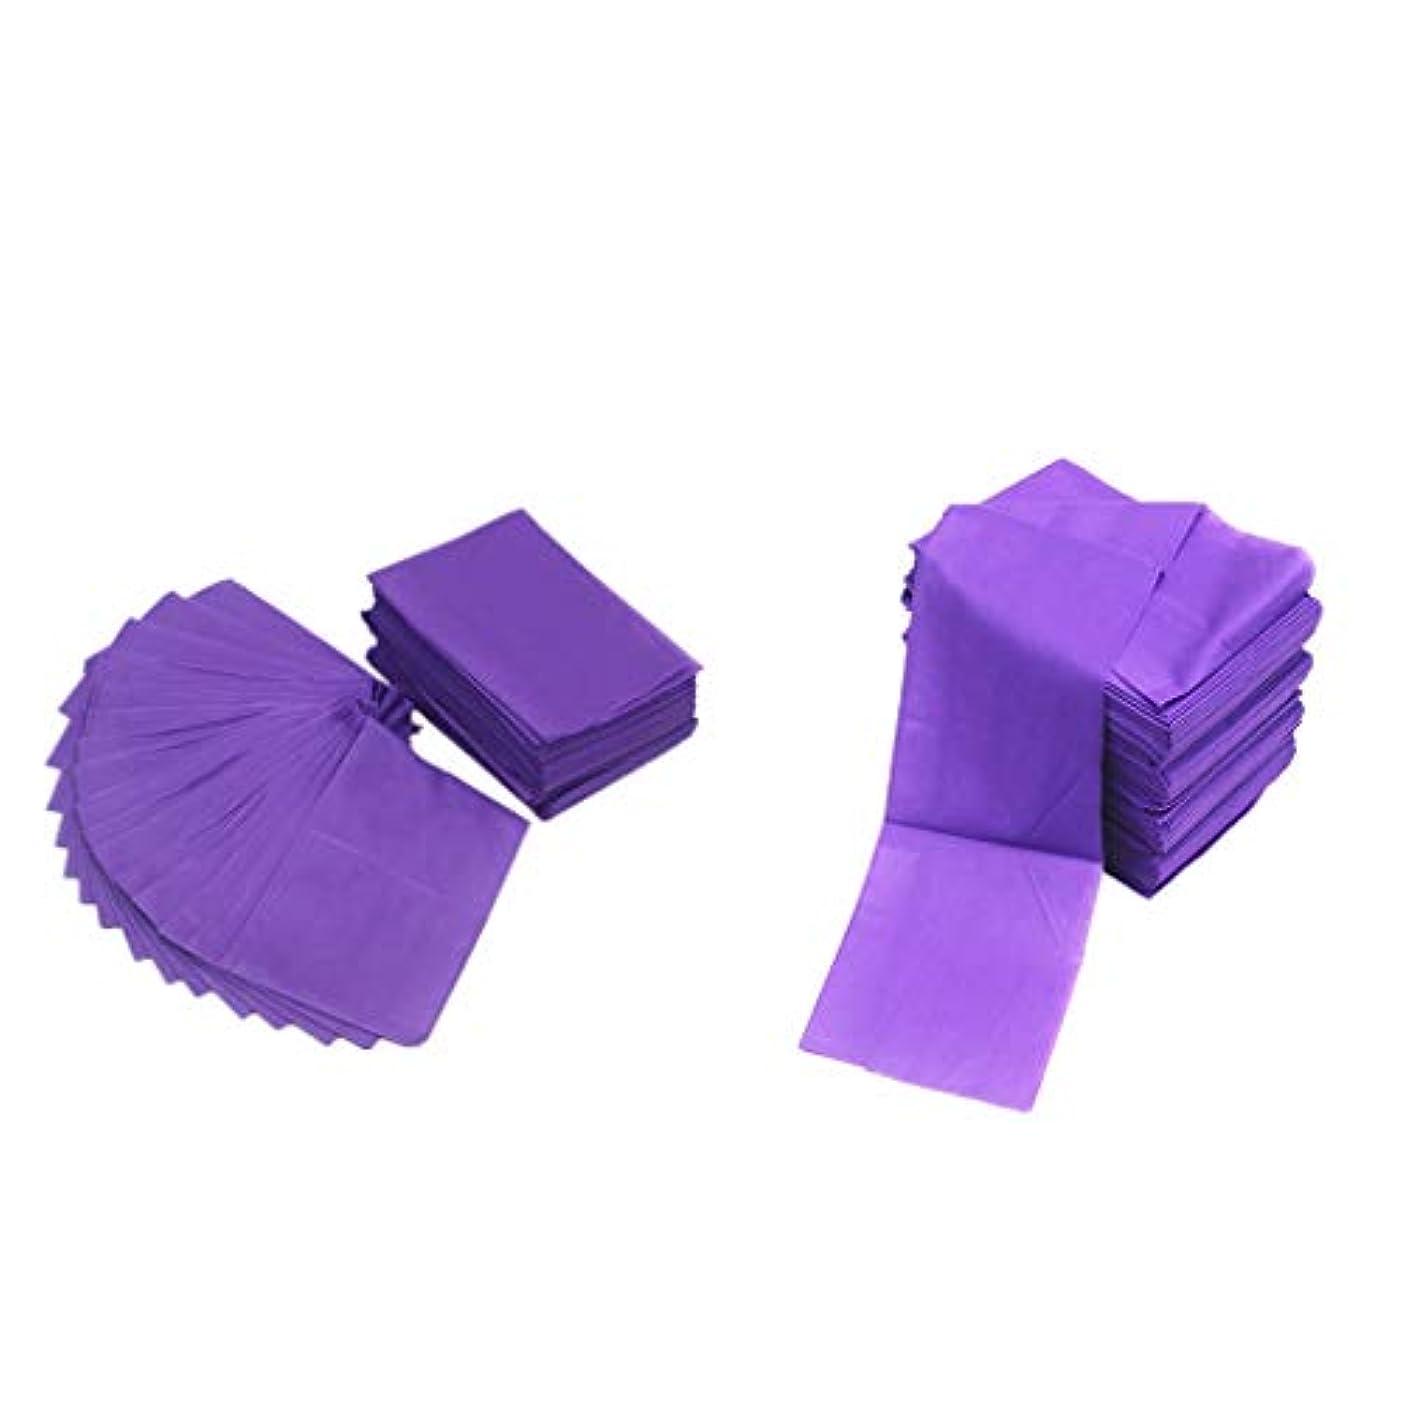 兄クランプ深遠dailymall 失禁、マッサージテーブルシートのための20部分の不織布使い捨てシーツペーパー